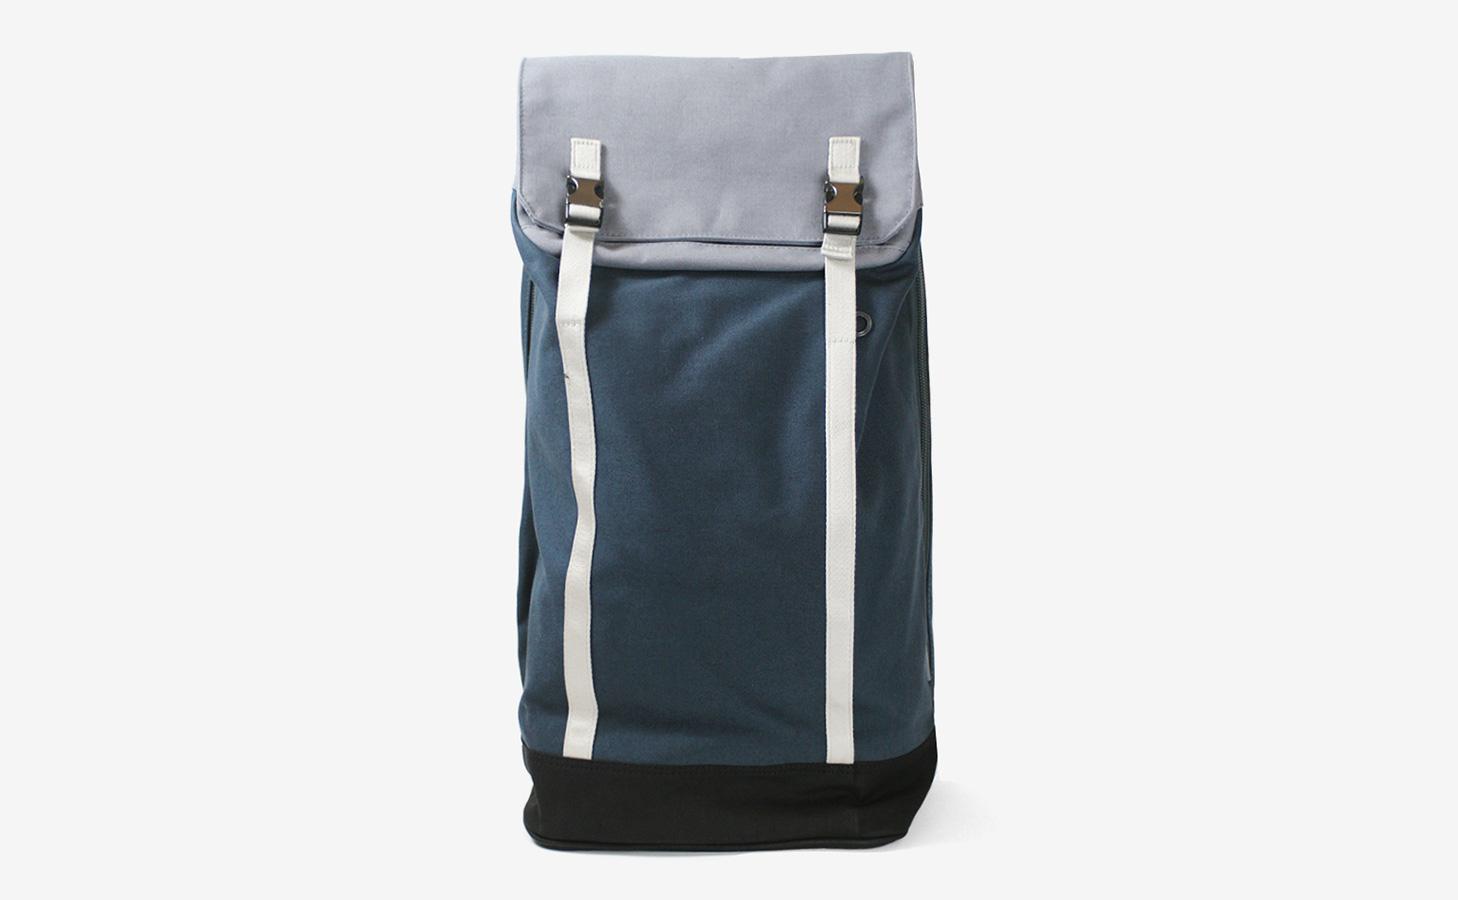 c6_slim_backpack_00